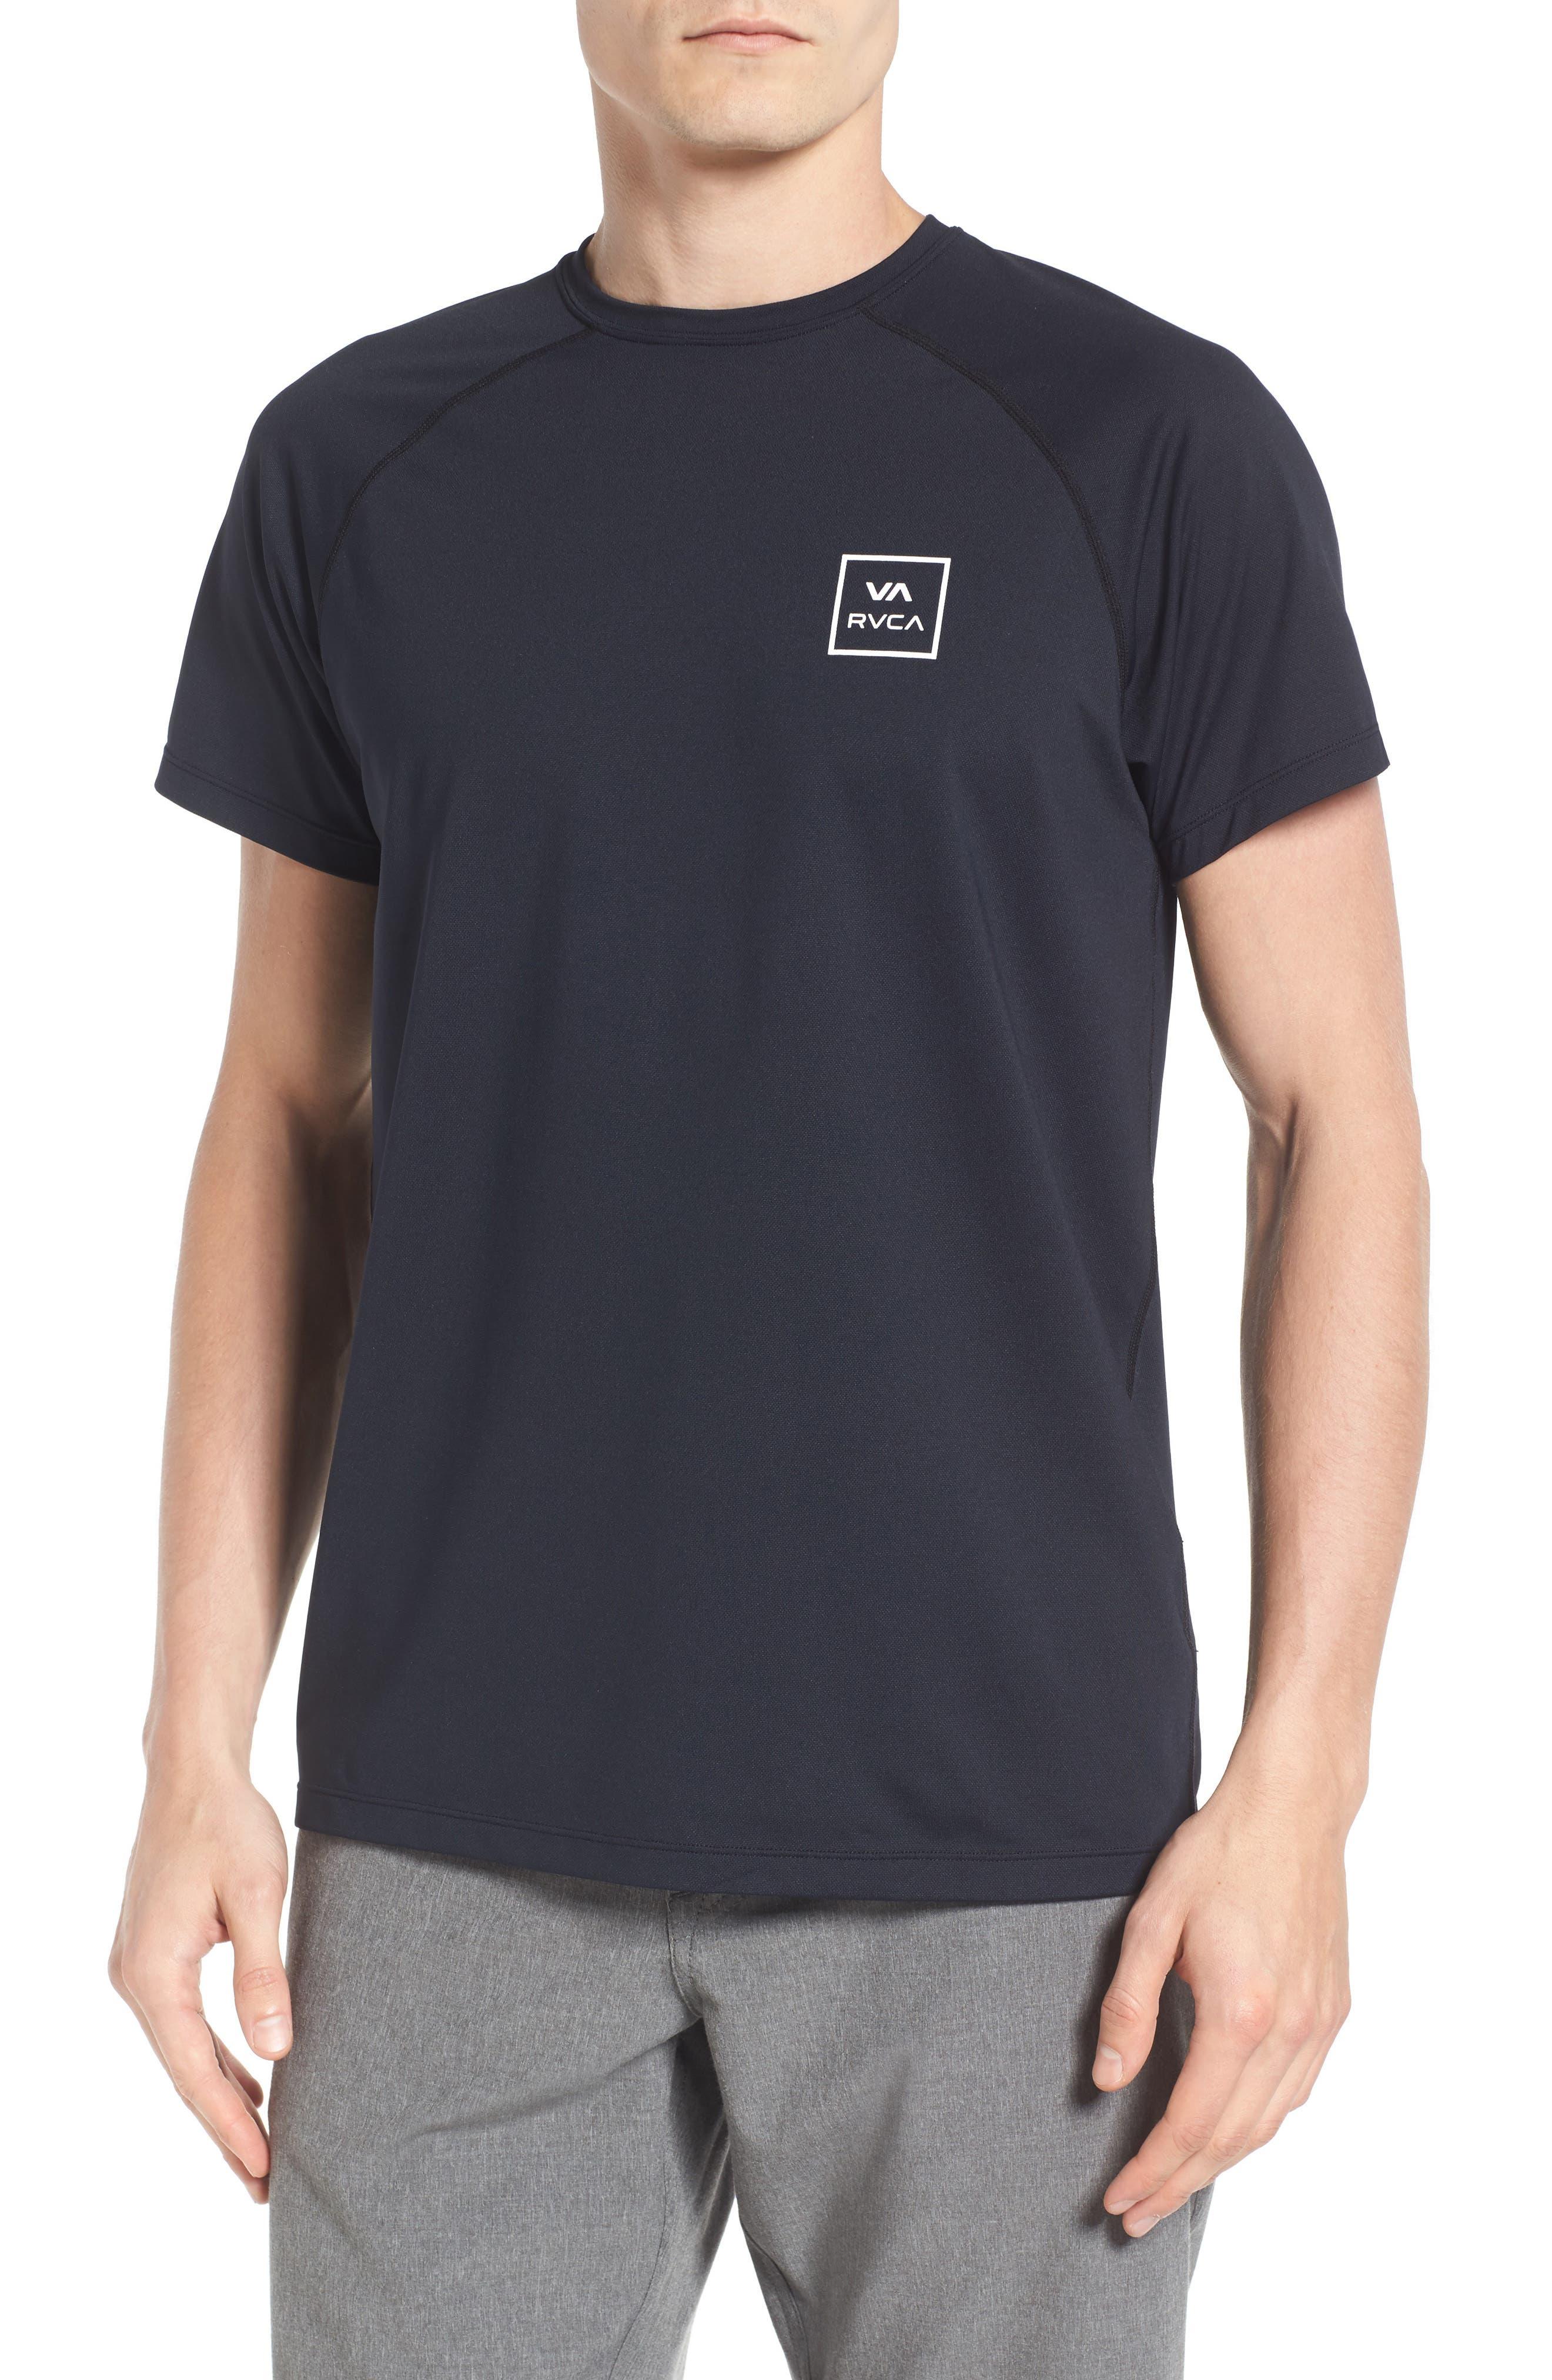 VA All the Way Surf T-Shirt,                             Main thumbnail 1, color,                             Black